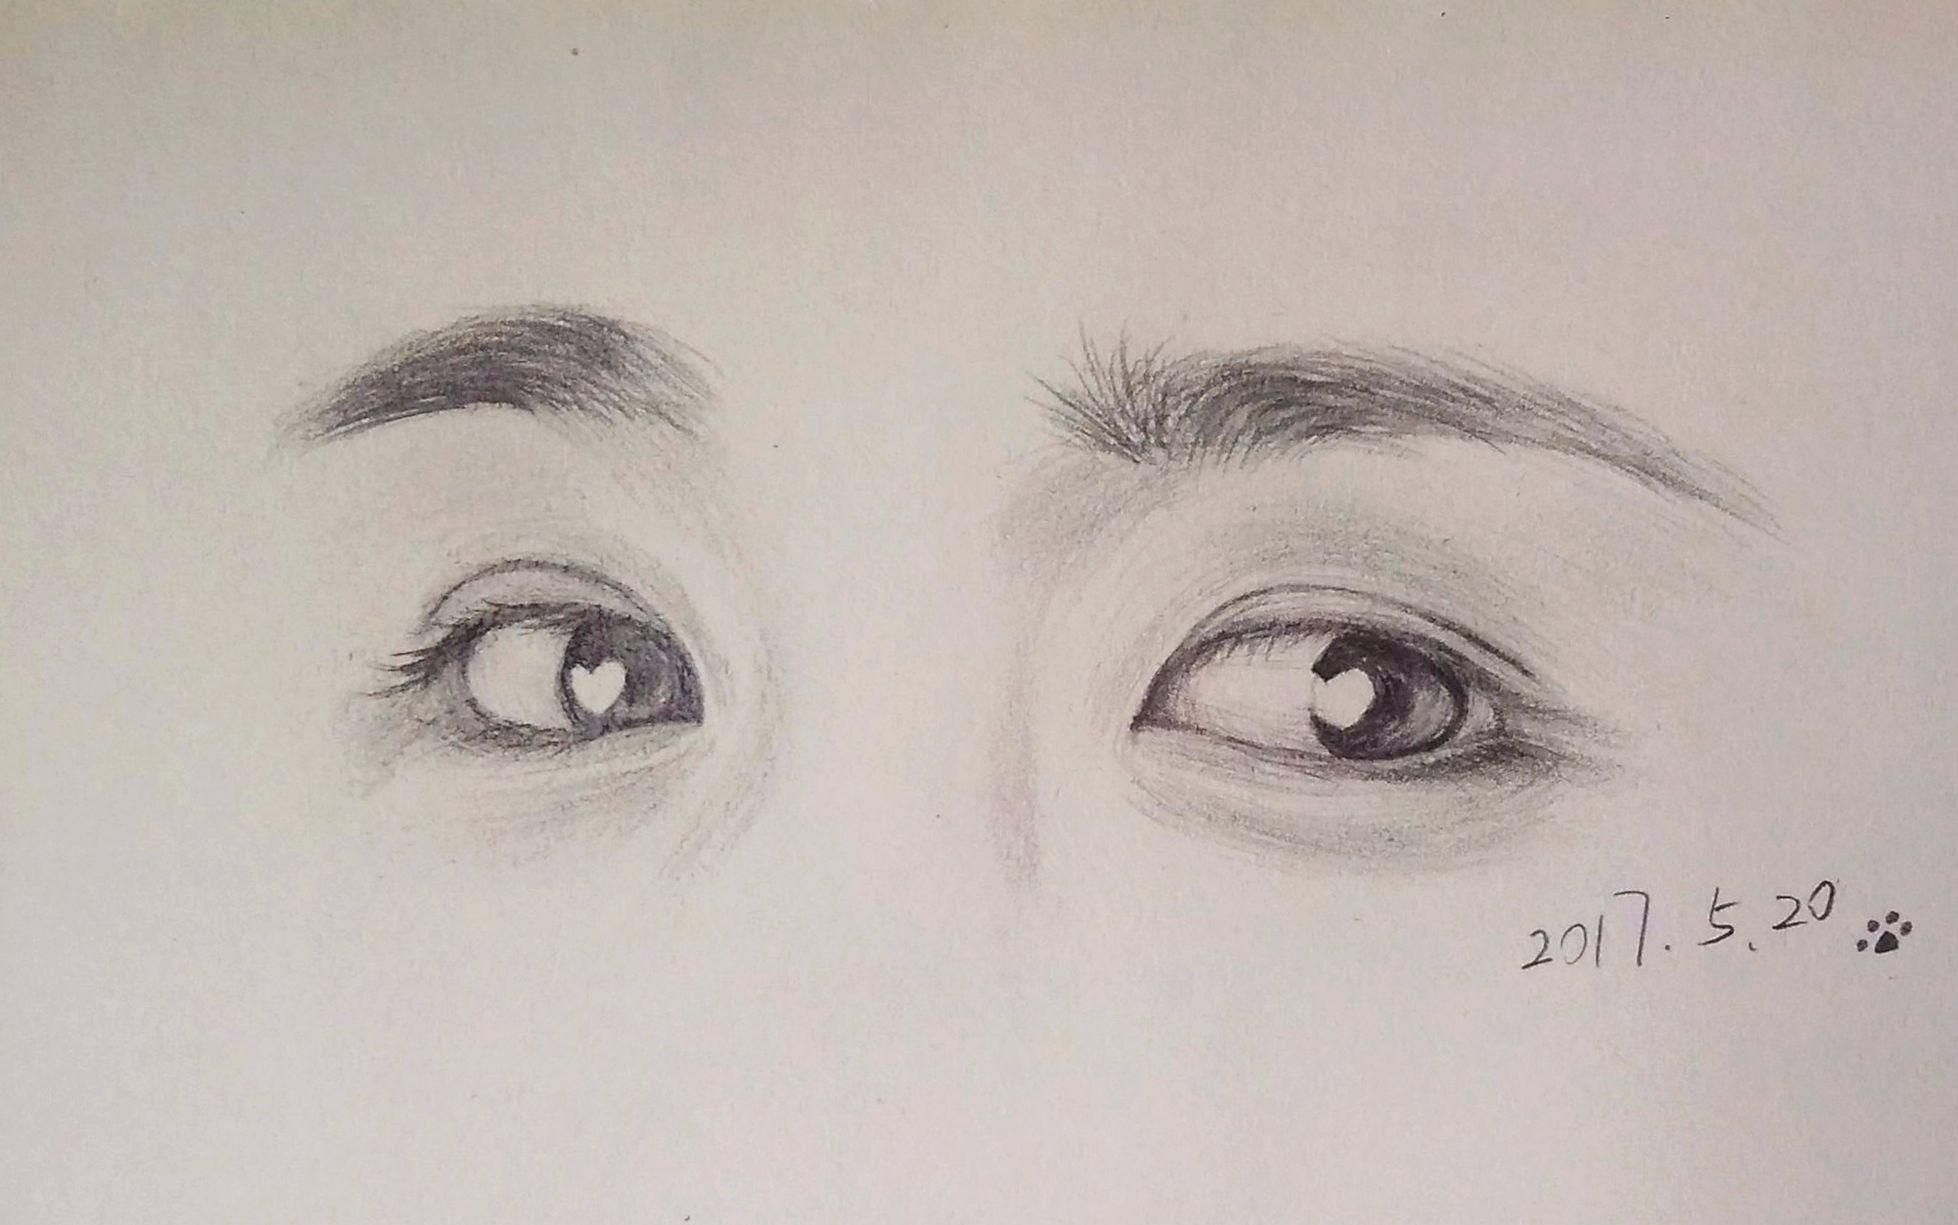 手绘教程 大野智眼睛部分 这大概是一个铅笔画教程 哔哩哔哩 ゜ ゜ つロ 图片